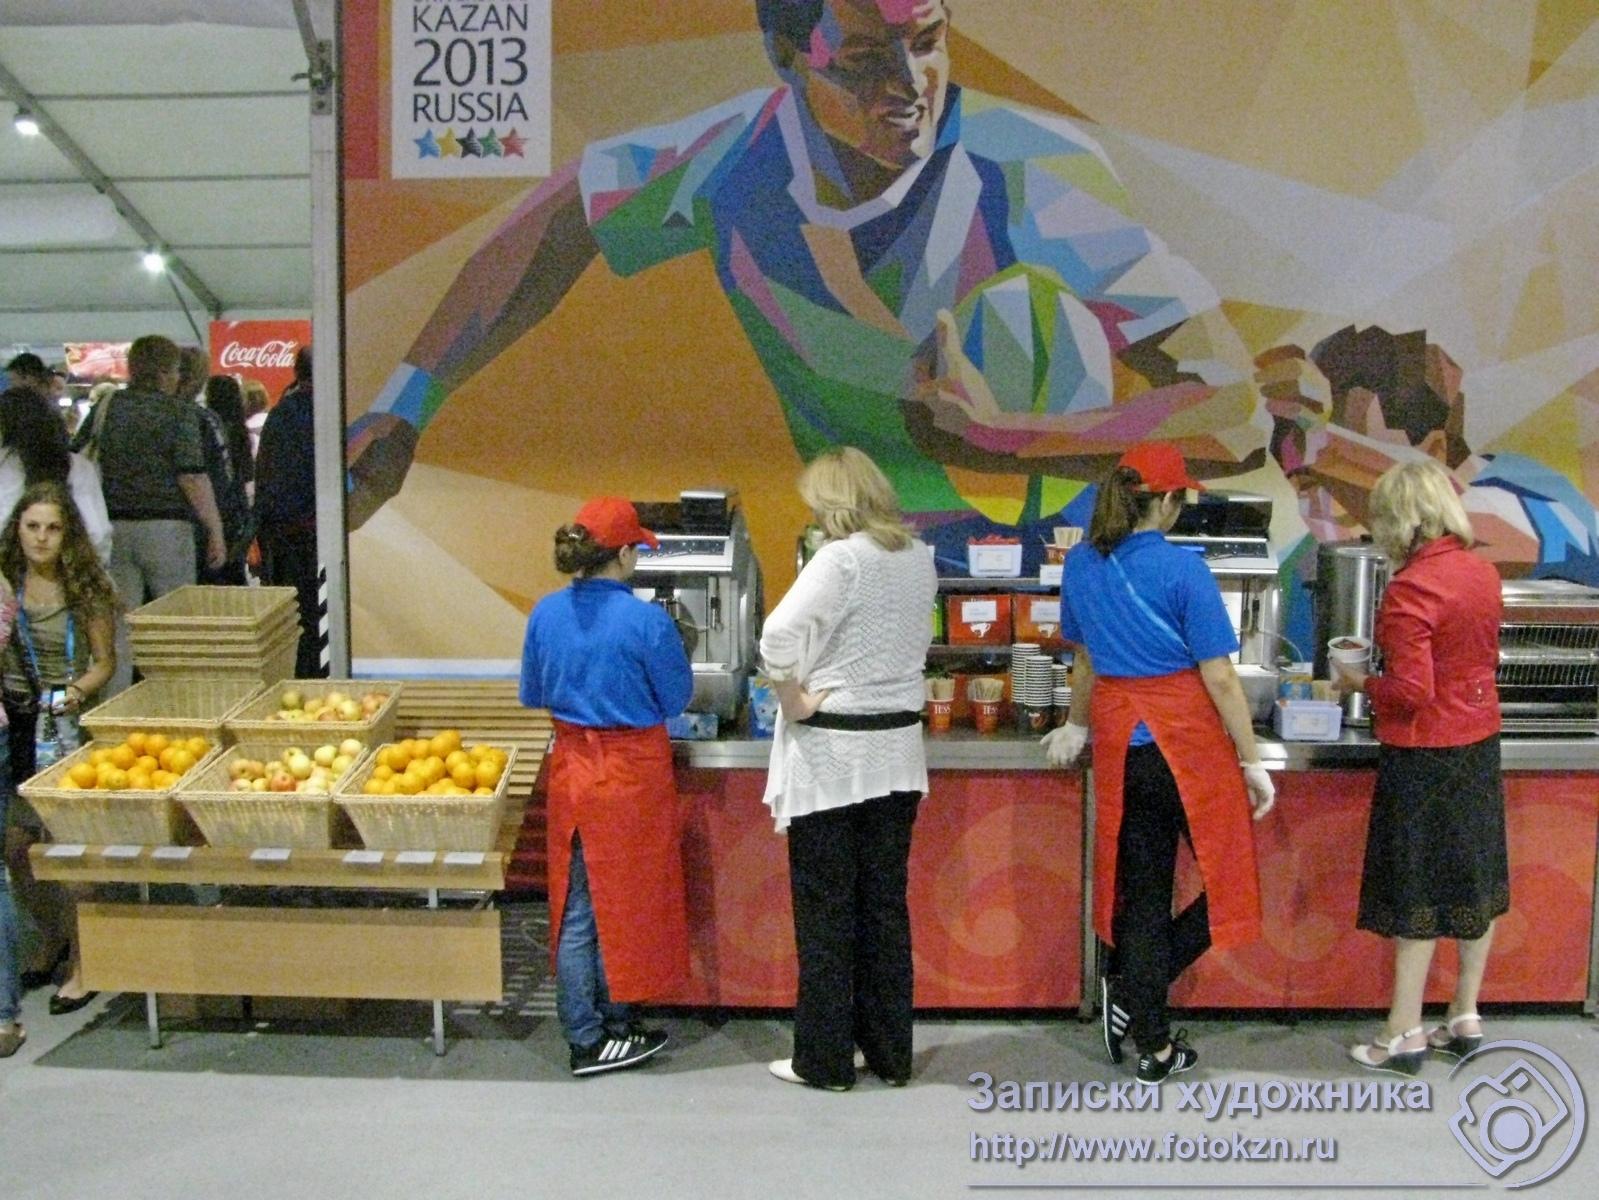 Кофейные автоматы и лотки с фруктами в столовой Деревни Универсиады